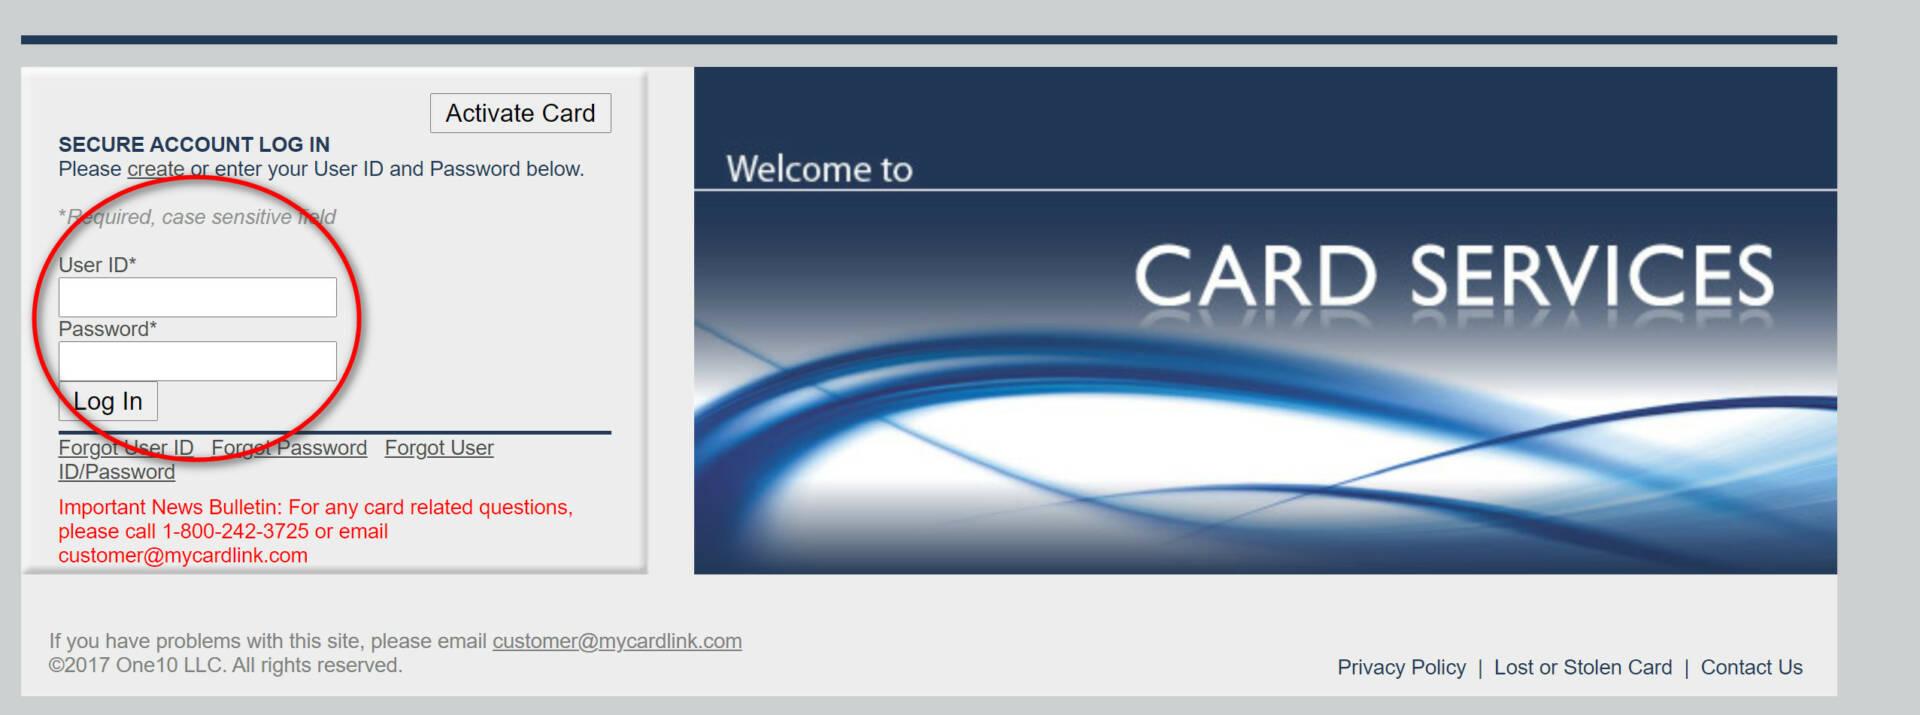 mycardlink login